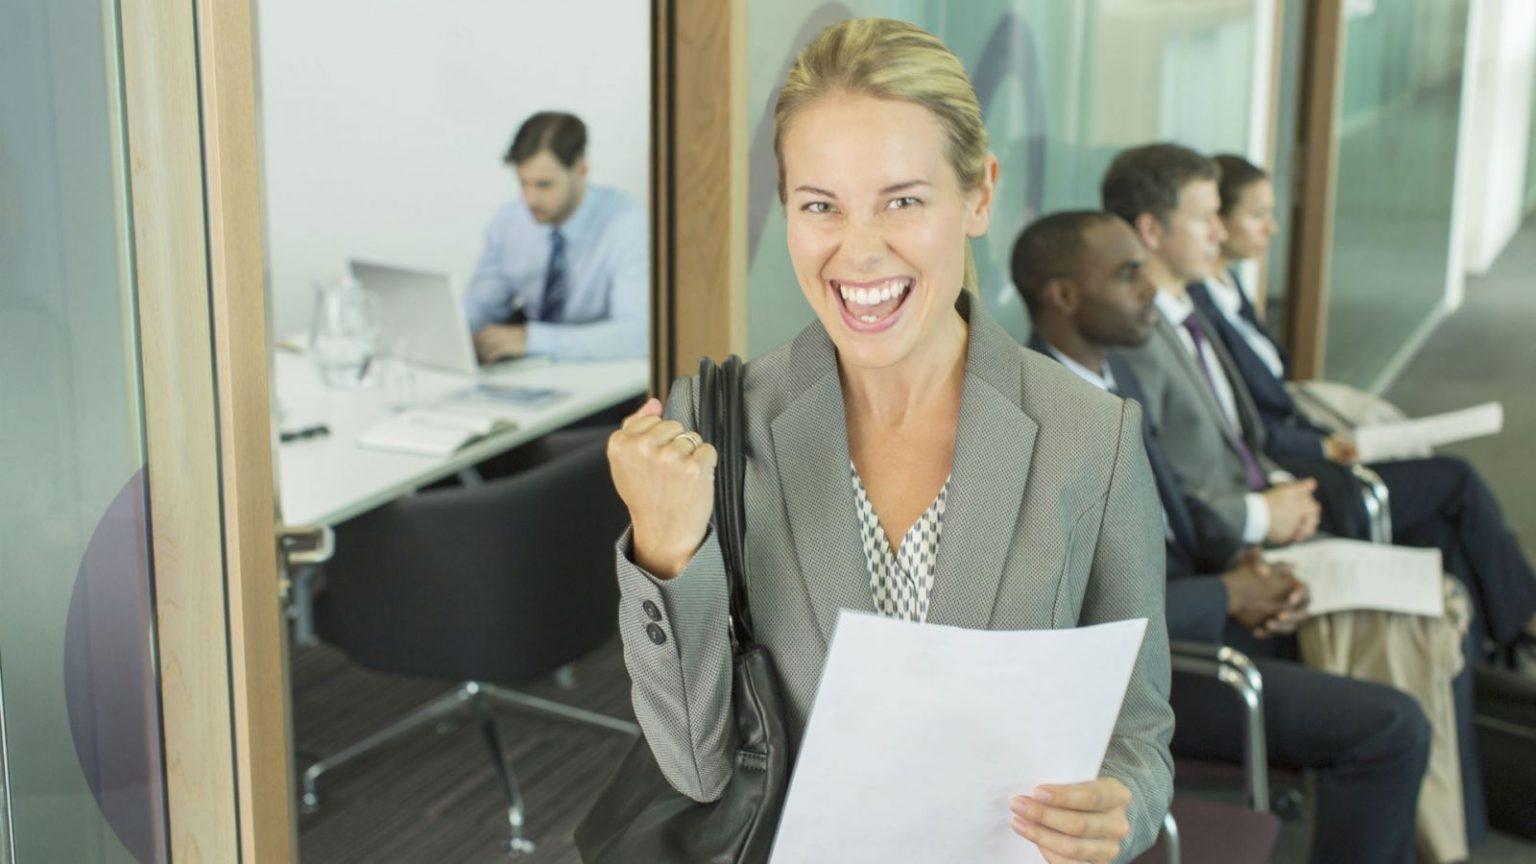 Как пройти собеседование успешно: ответы на вопросы и советы по подготовке